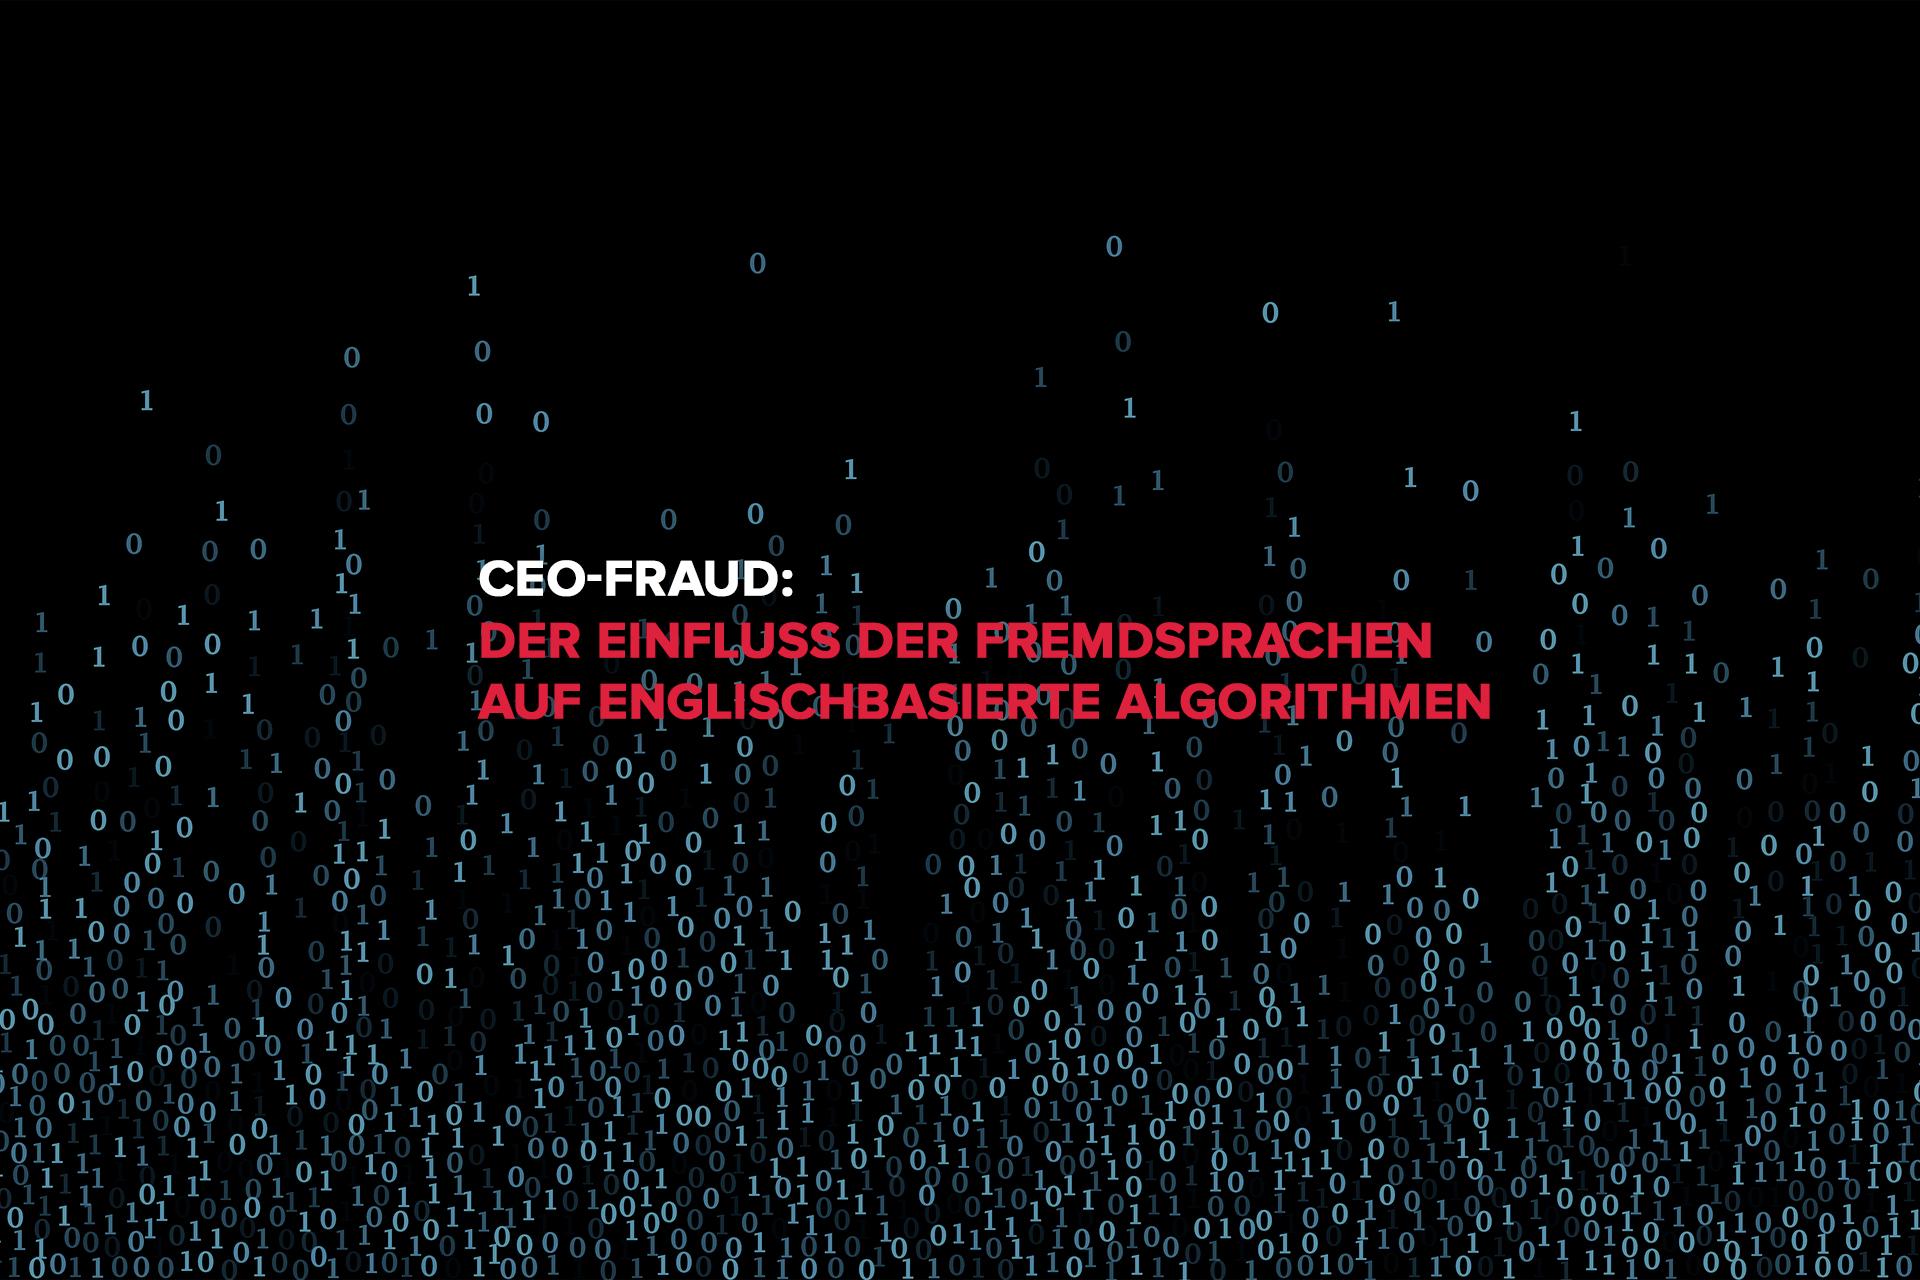 CEO-Fraud: Der Einfluss der Fremdsprachen auf englischbasierte Algorithmen